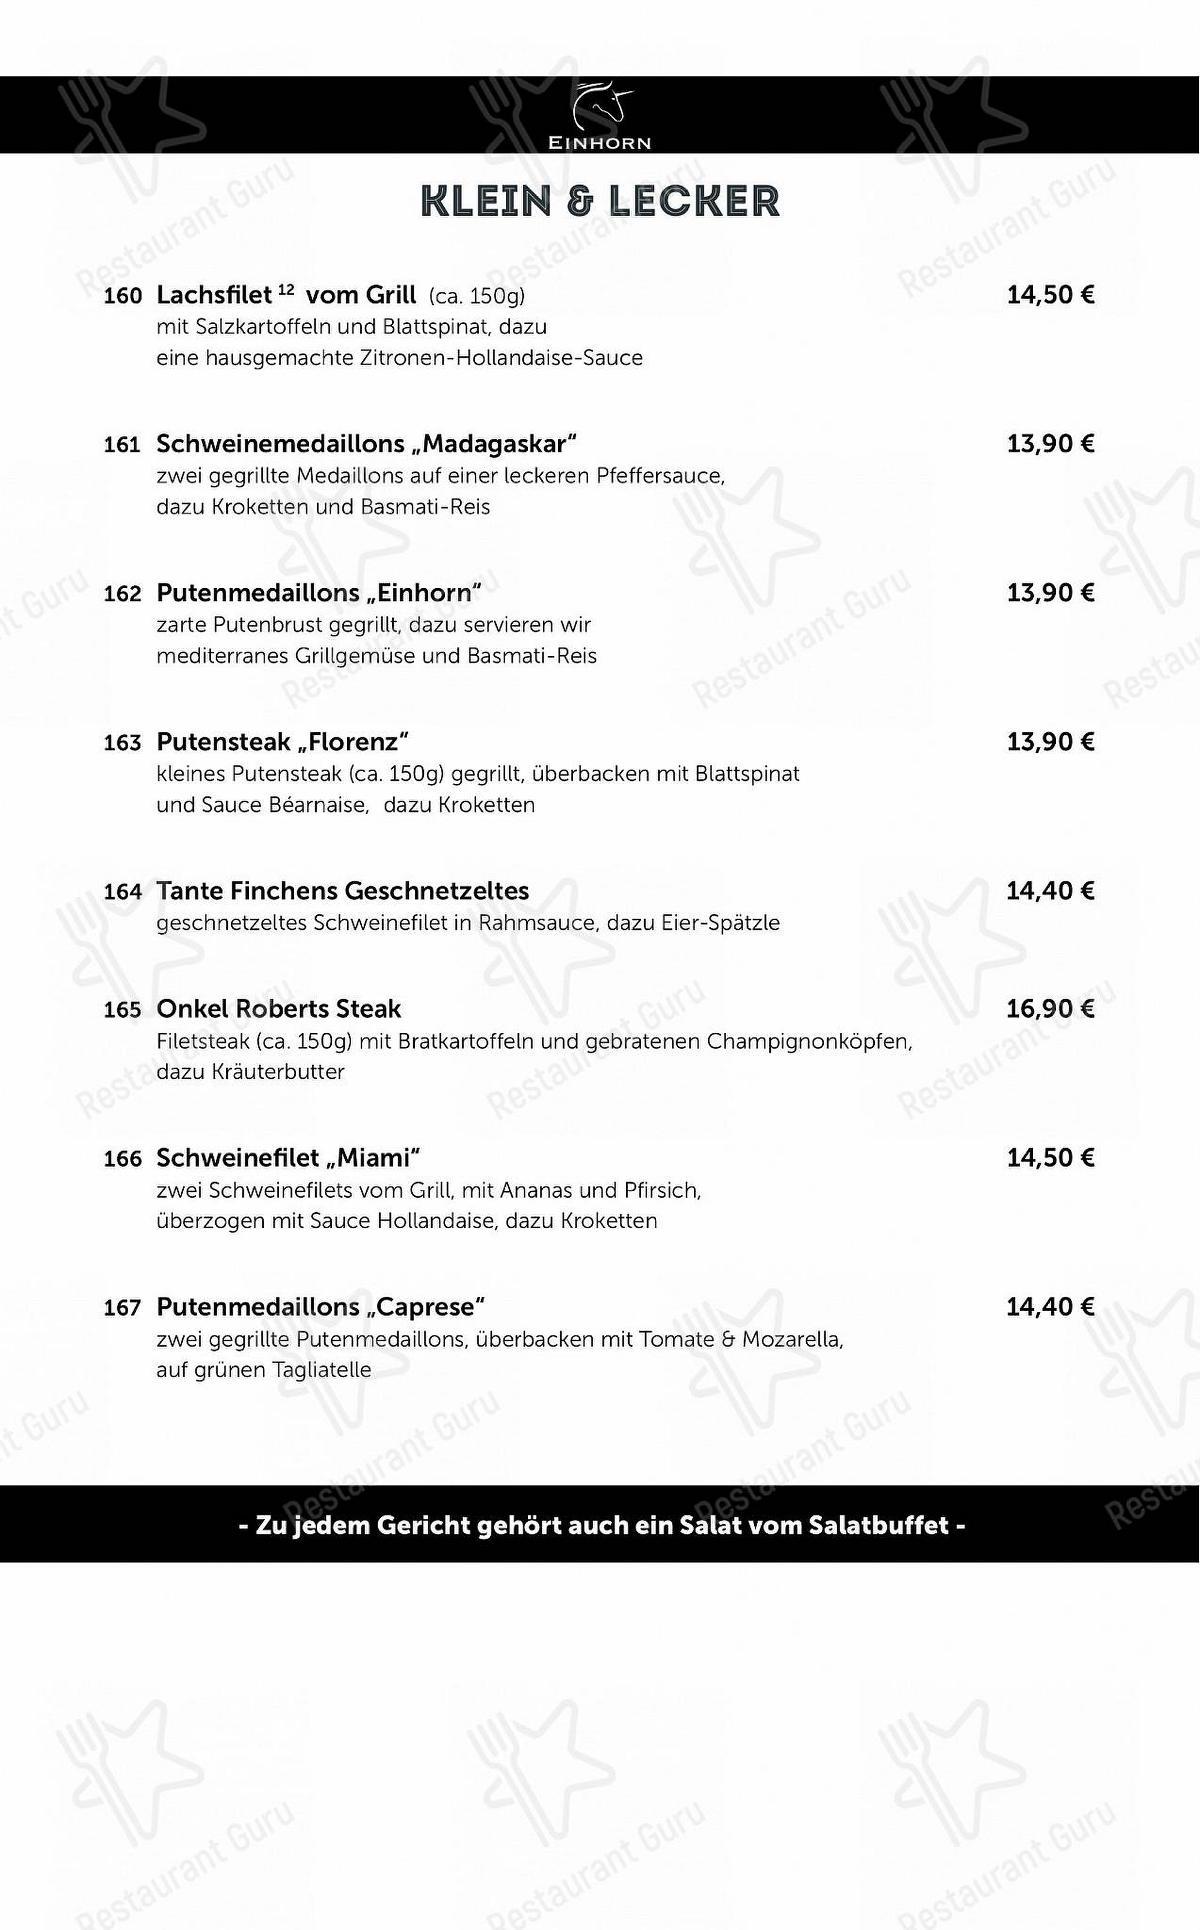 Carta de Einhorn